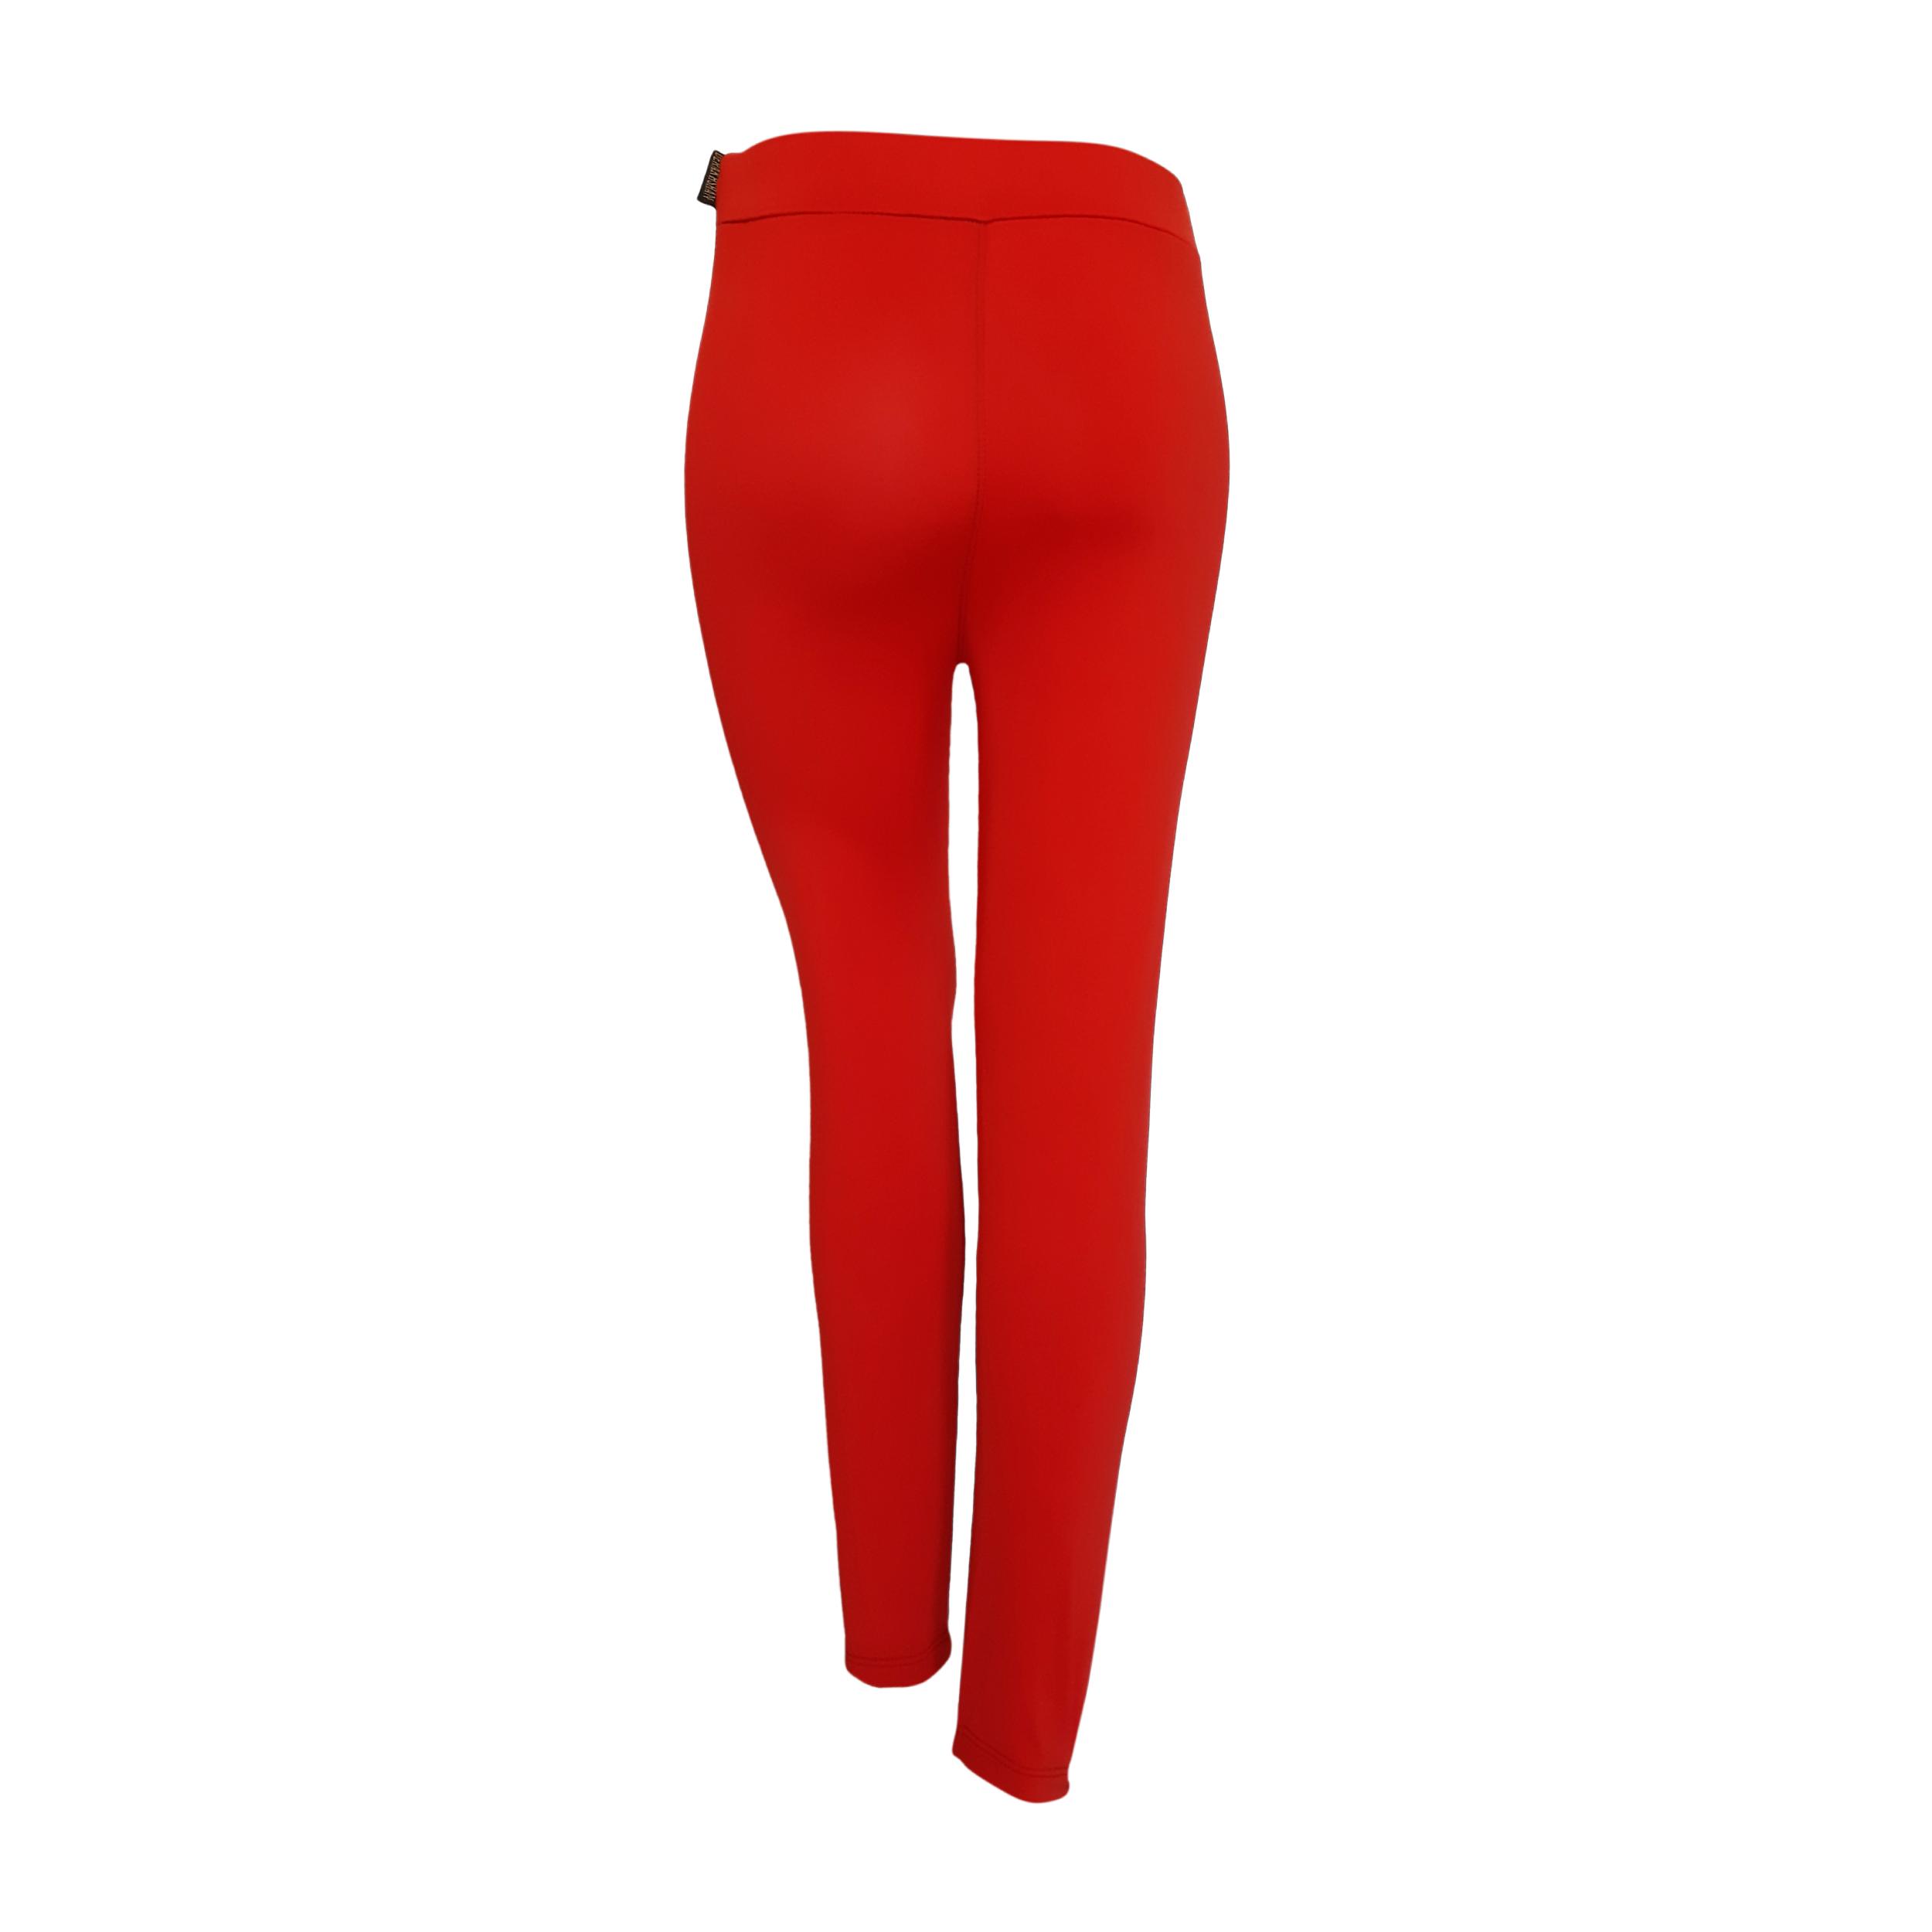 لگینگ زنانه مدل ۱۰۳ رنگ قرمز -  - 4